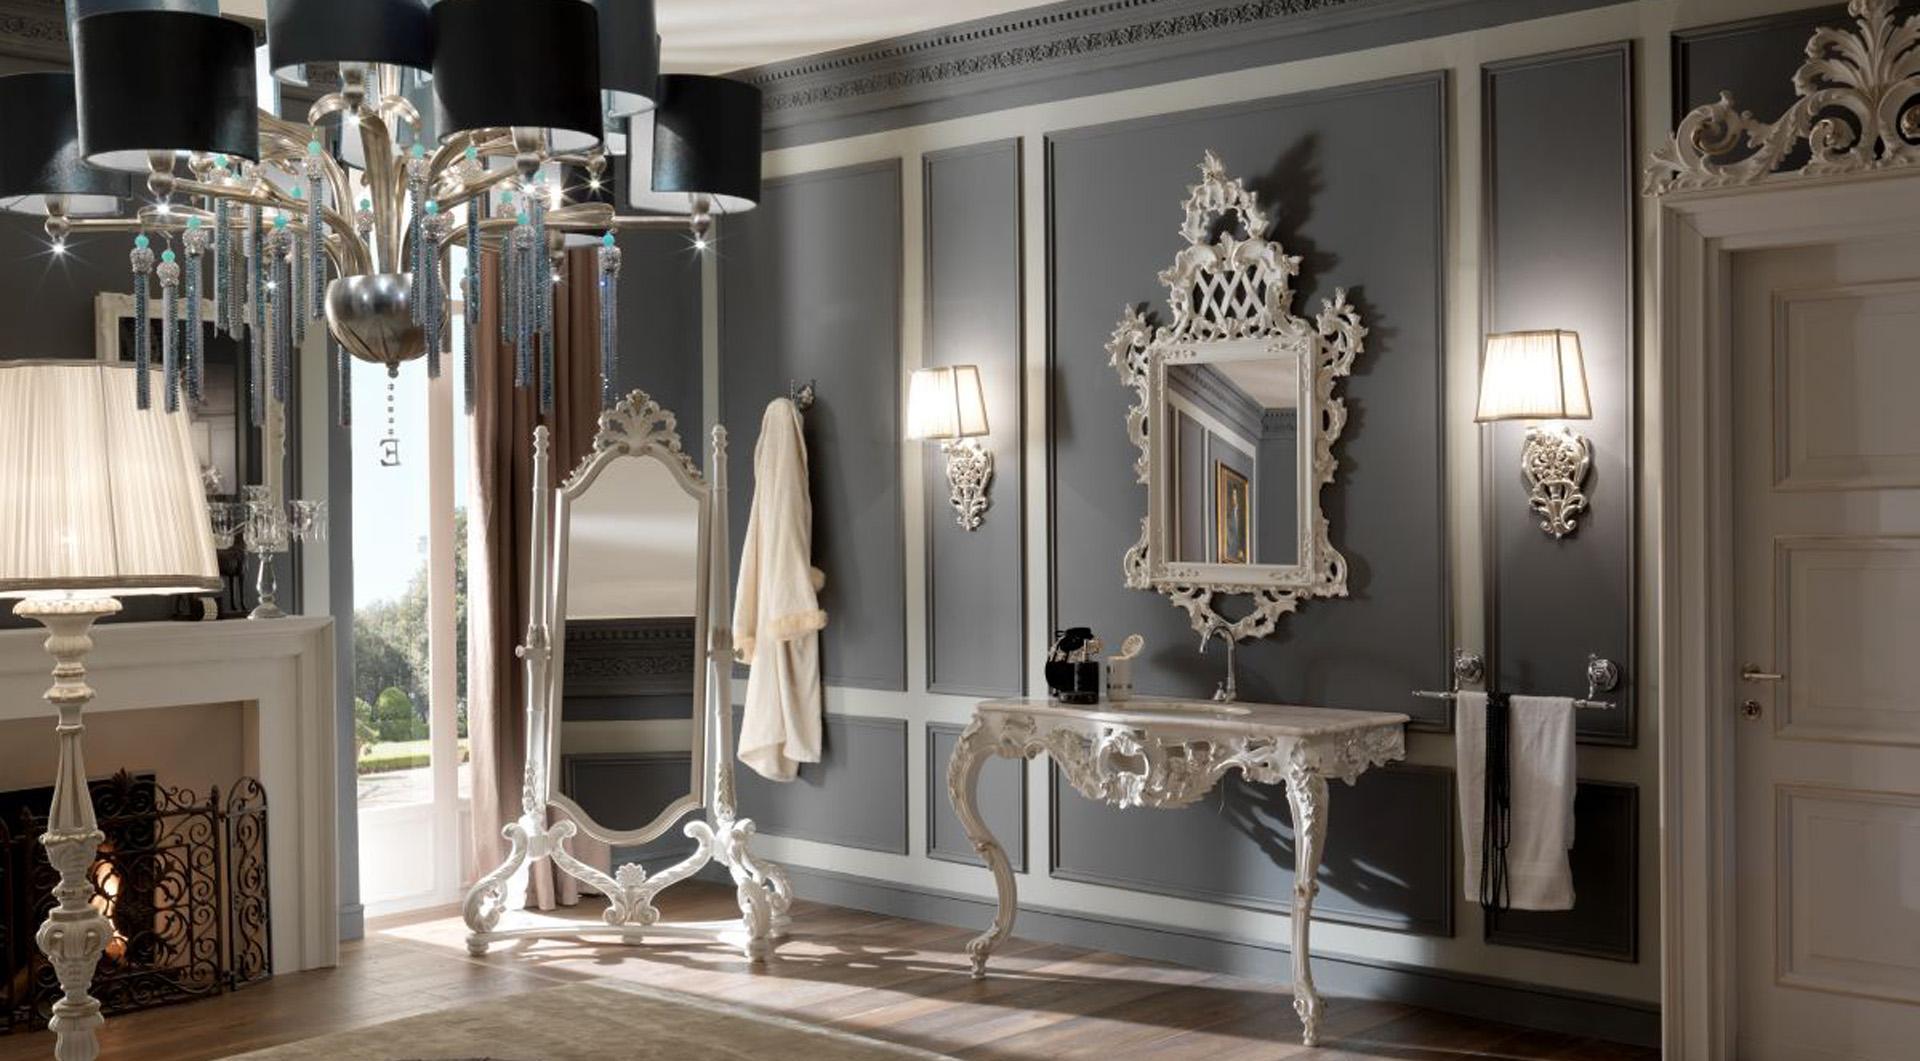 Туалетный столик и зеркало в итальянском интерьере